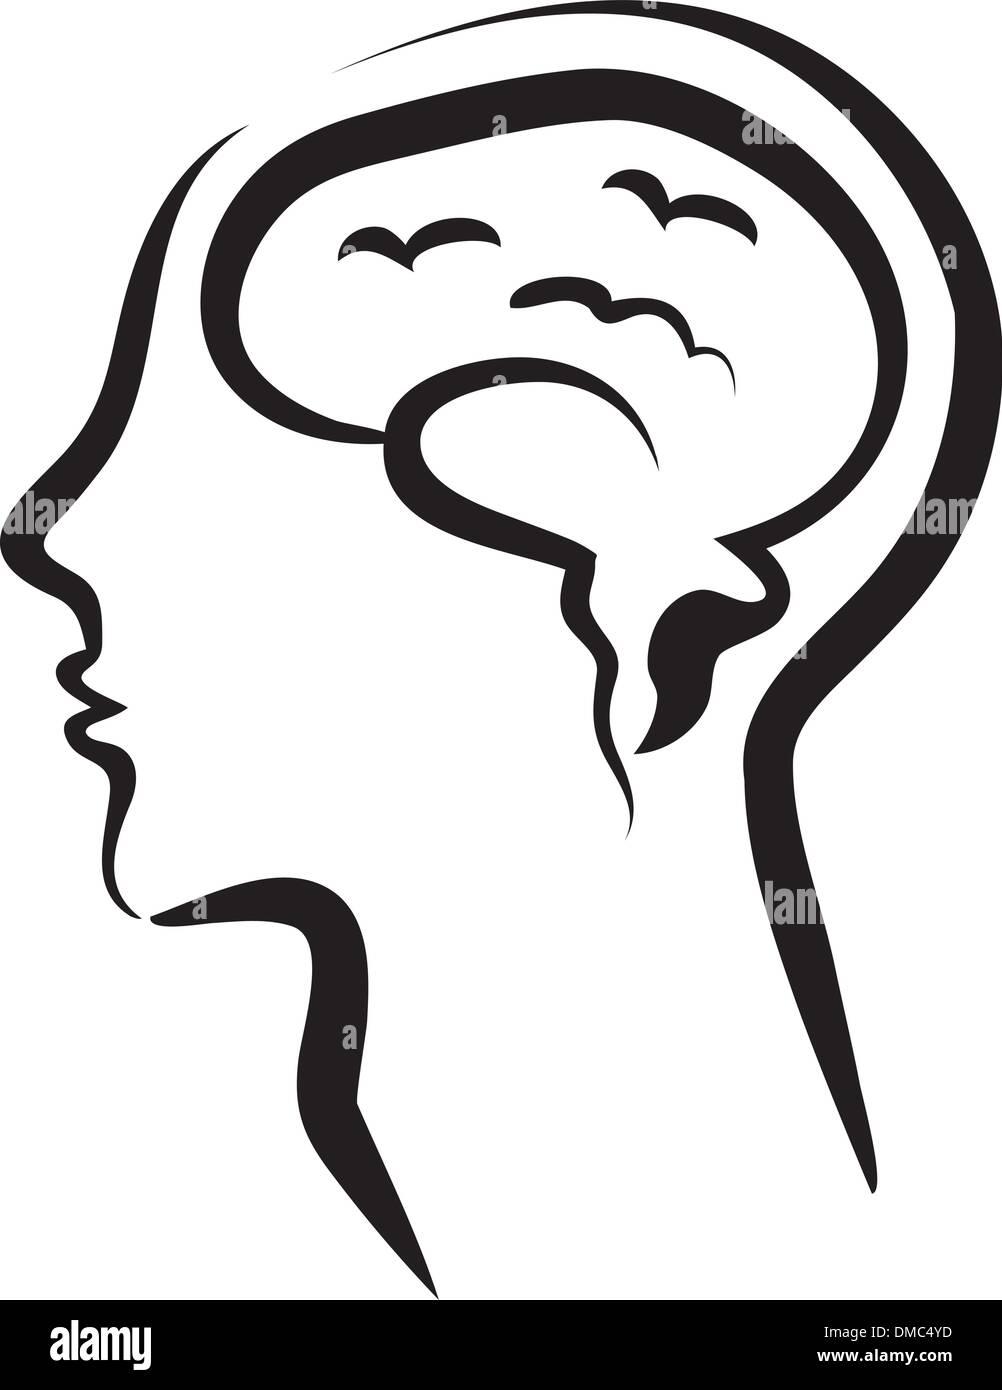 Cerebro humano en una silueta jefe Imagen De Stock